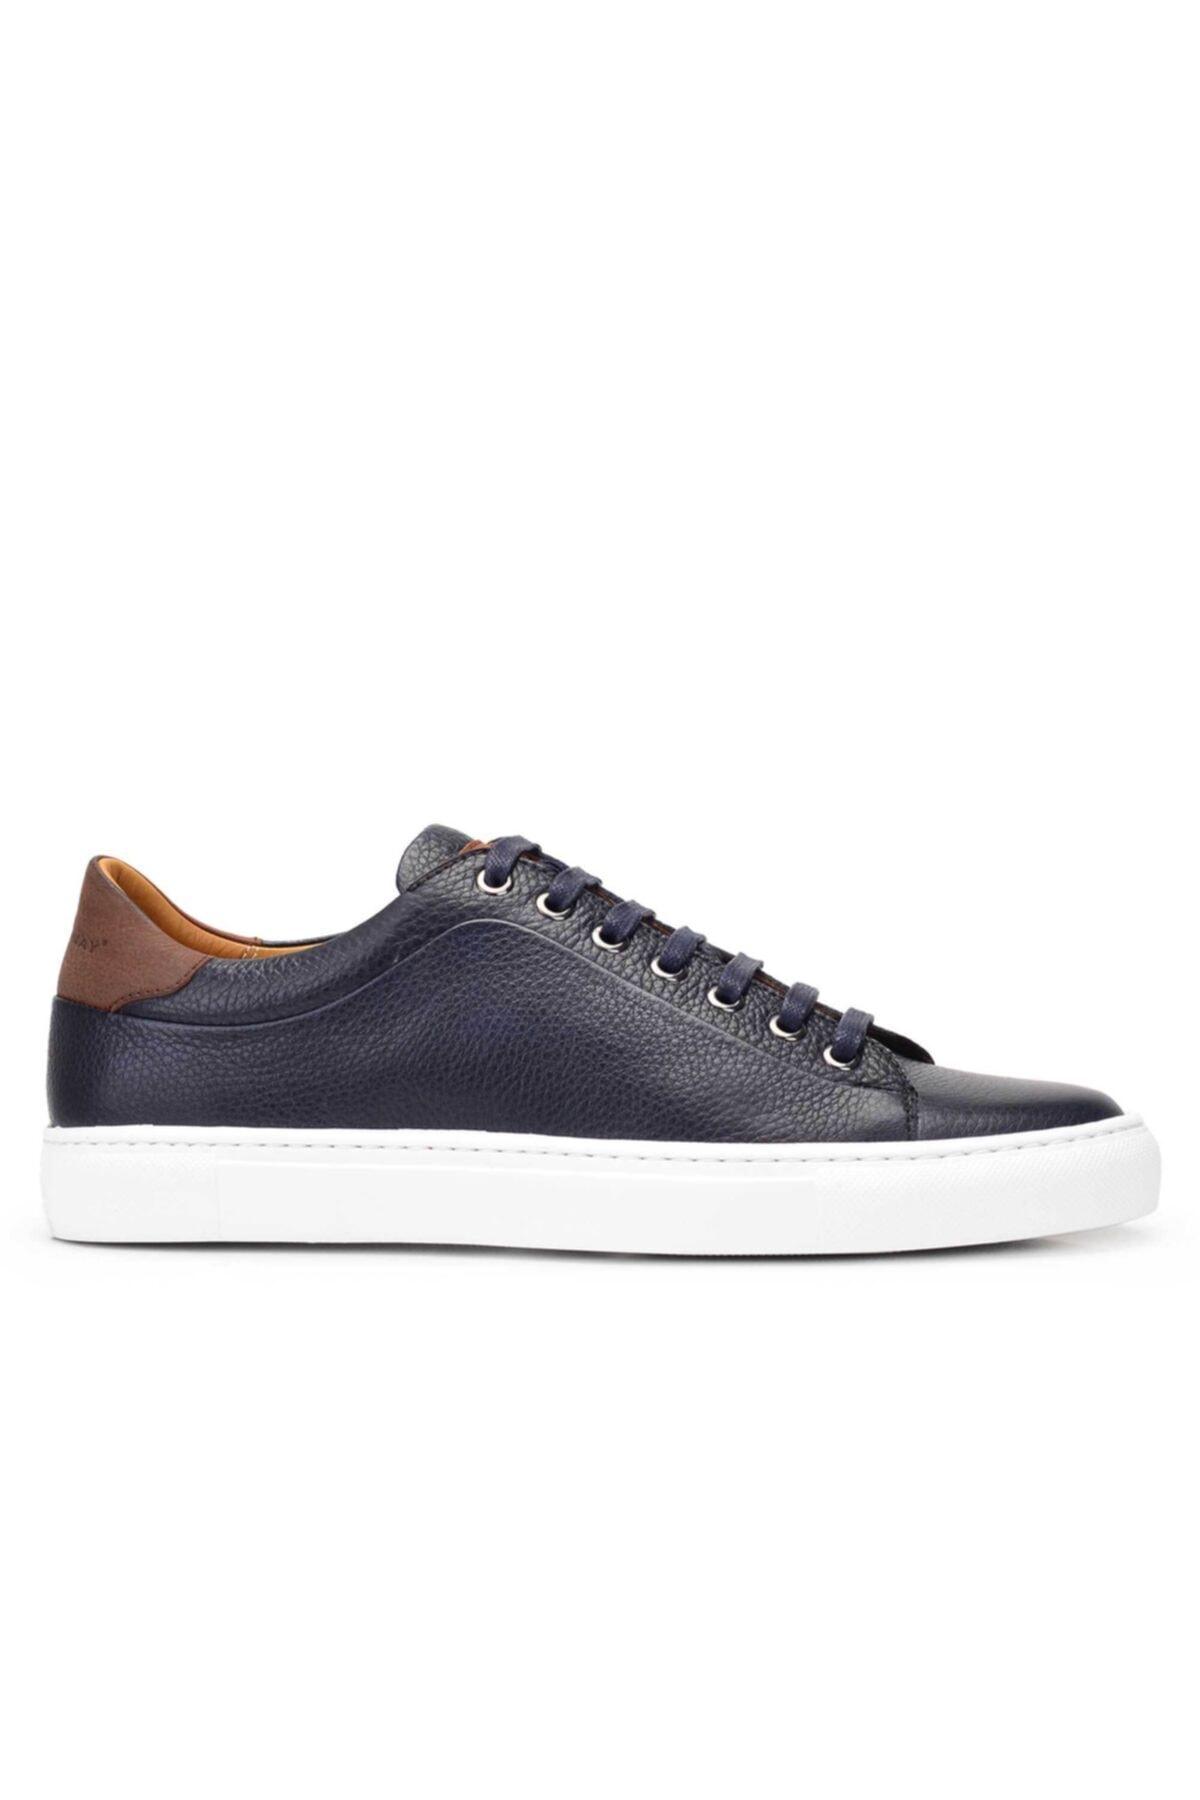 Nevzat Onay Hakiki Deri Lacivert Sneaker Erkek Ayakkabı -11741- 1